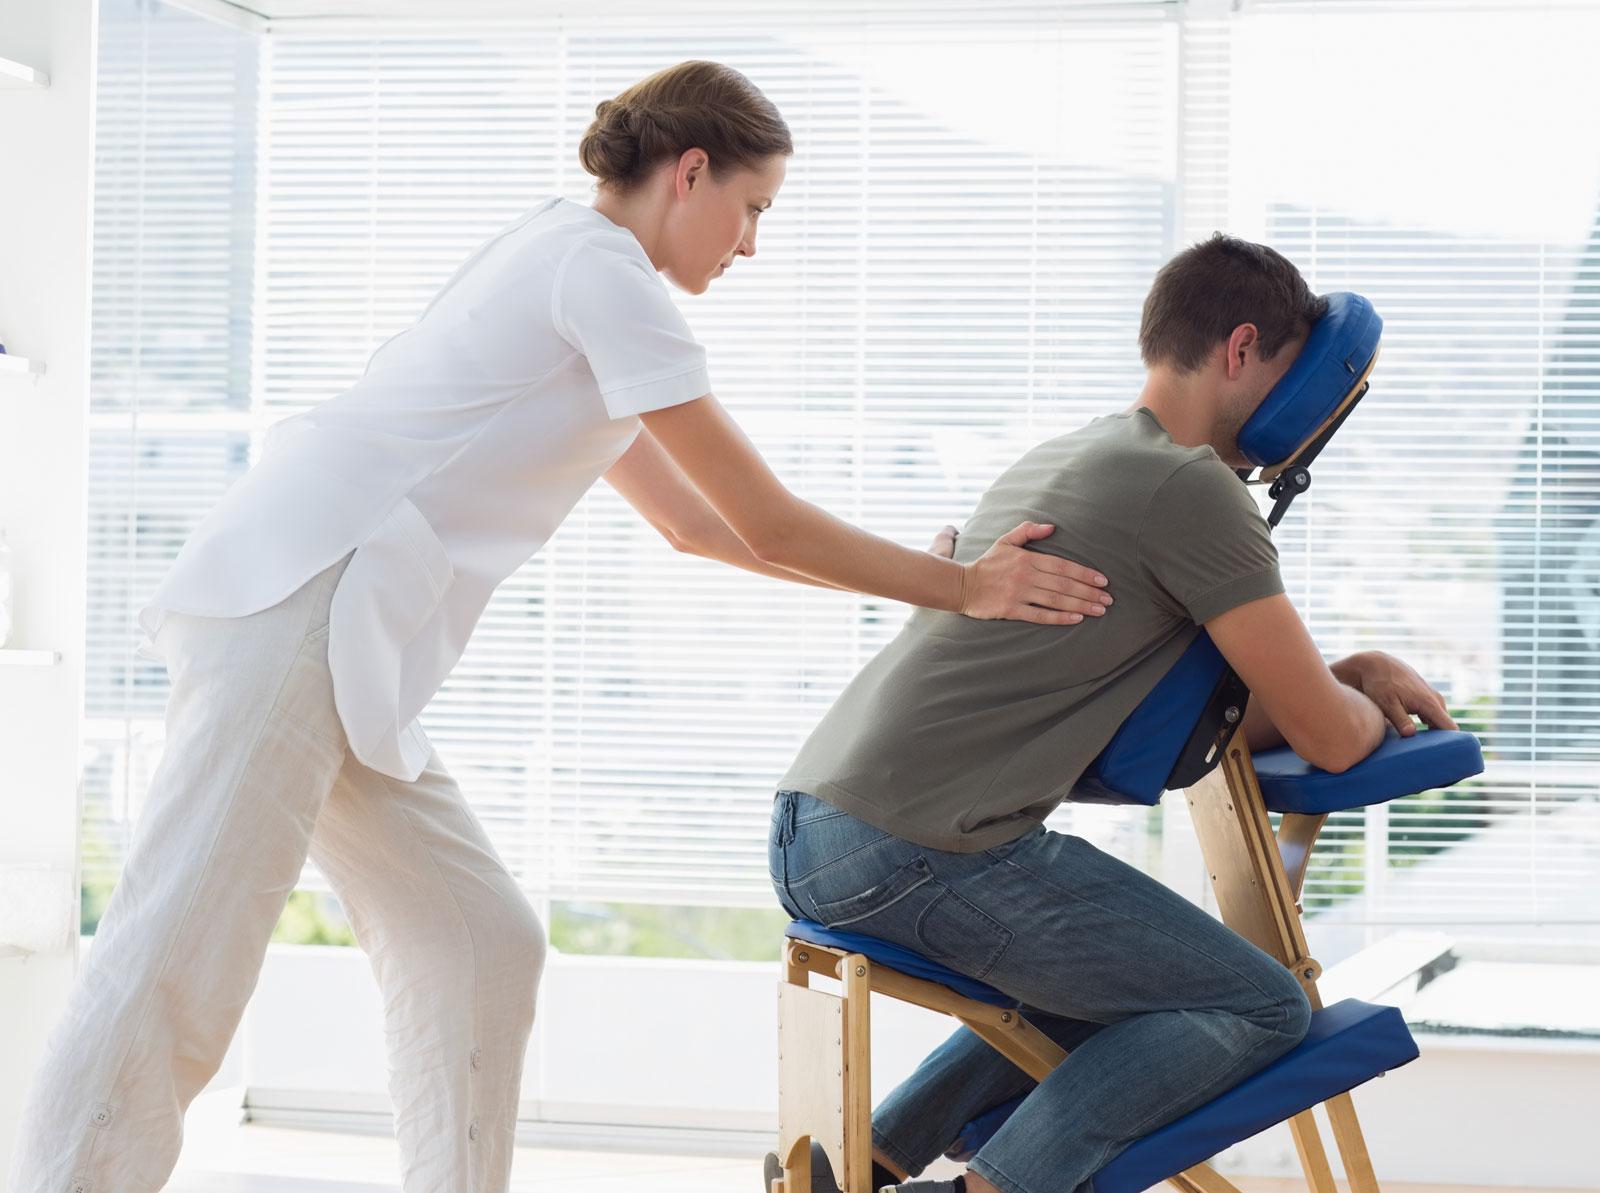 Маркетинговый ход. Идея №6012. Реклама комплексного массажа для офисных работников